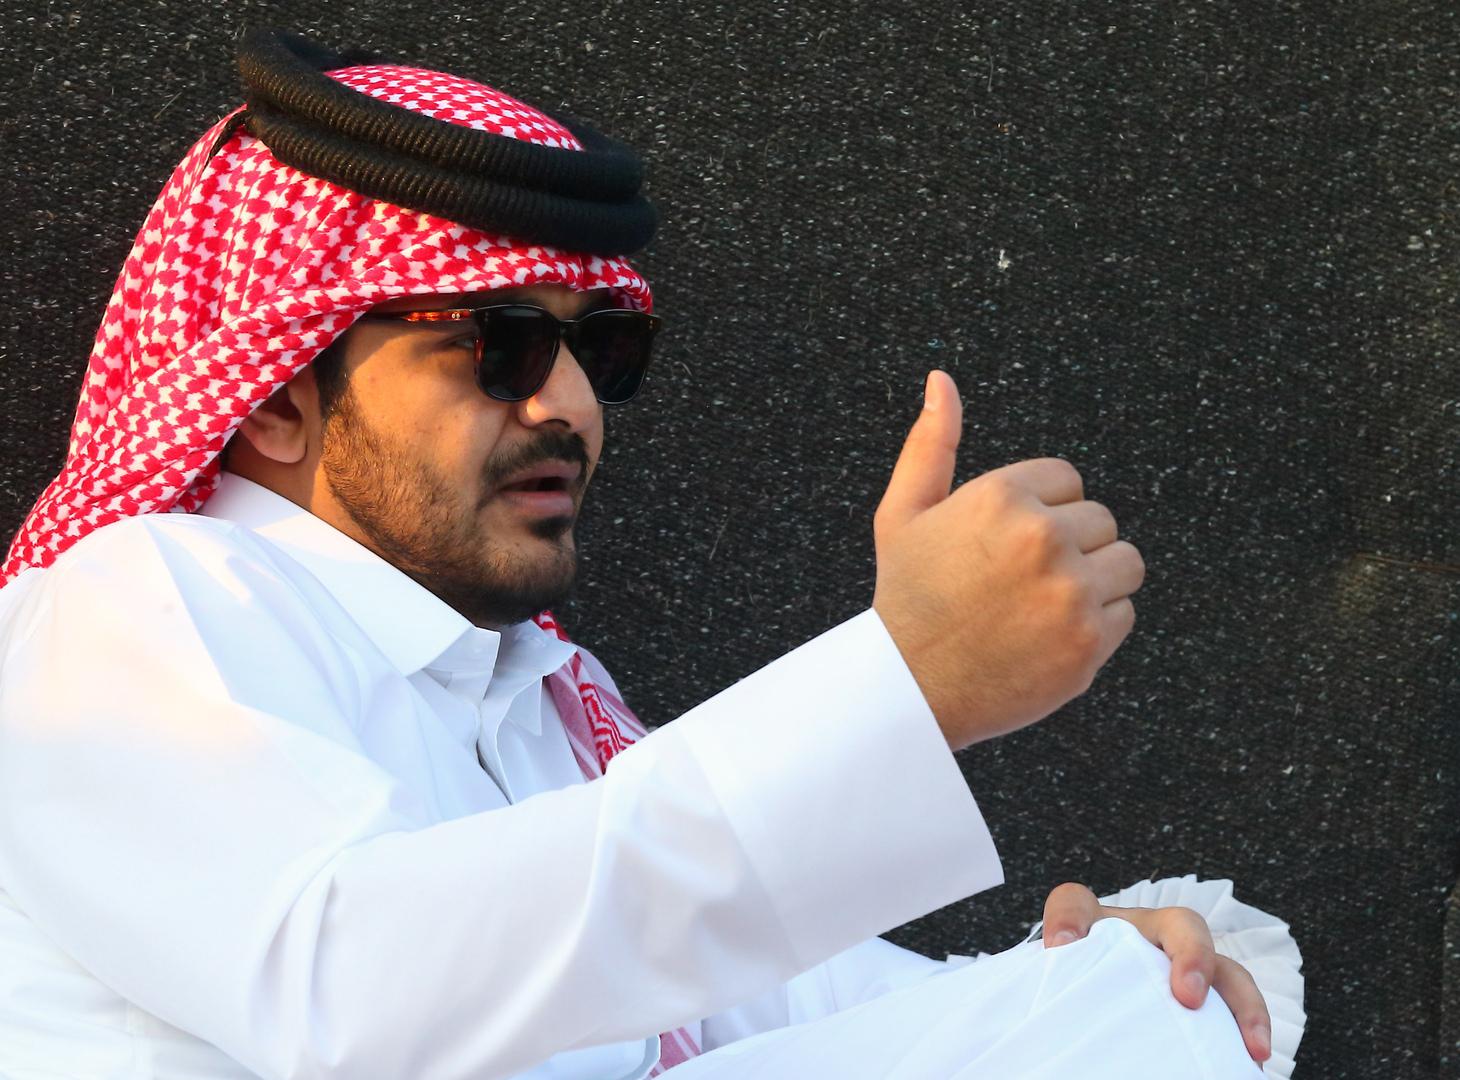 شقيق أمير قطر مغردا: الدوحة تقود المنطقة إلى السلام